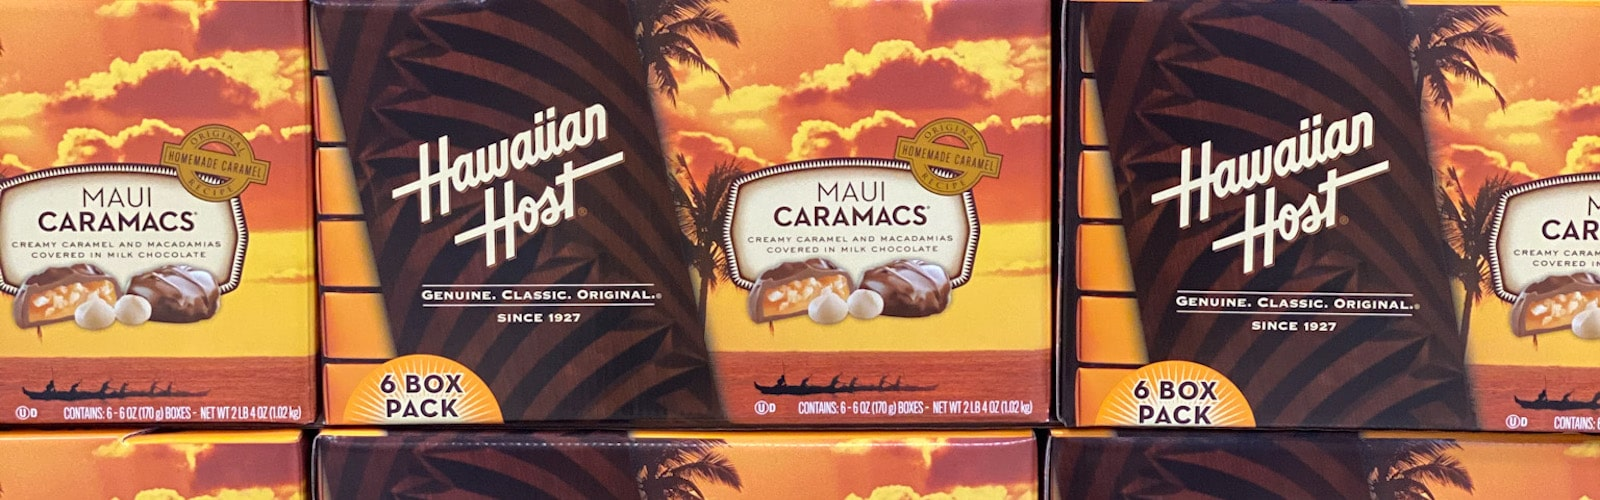 50+ Foods to Try in Waikiki, Oahu, Hawaii, Maui Caramacs